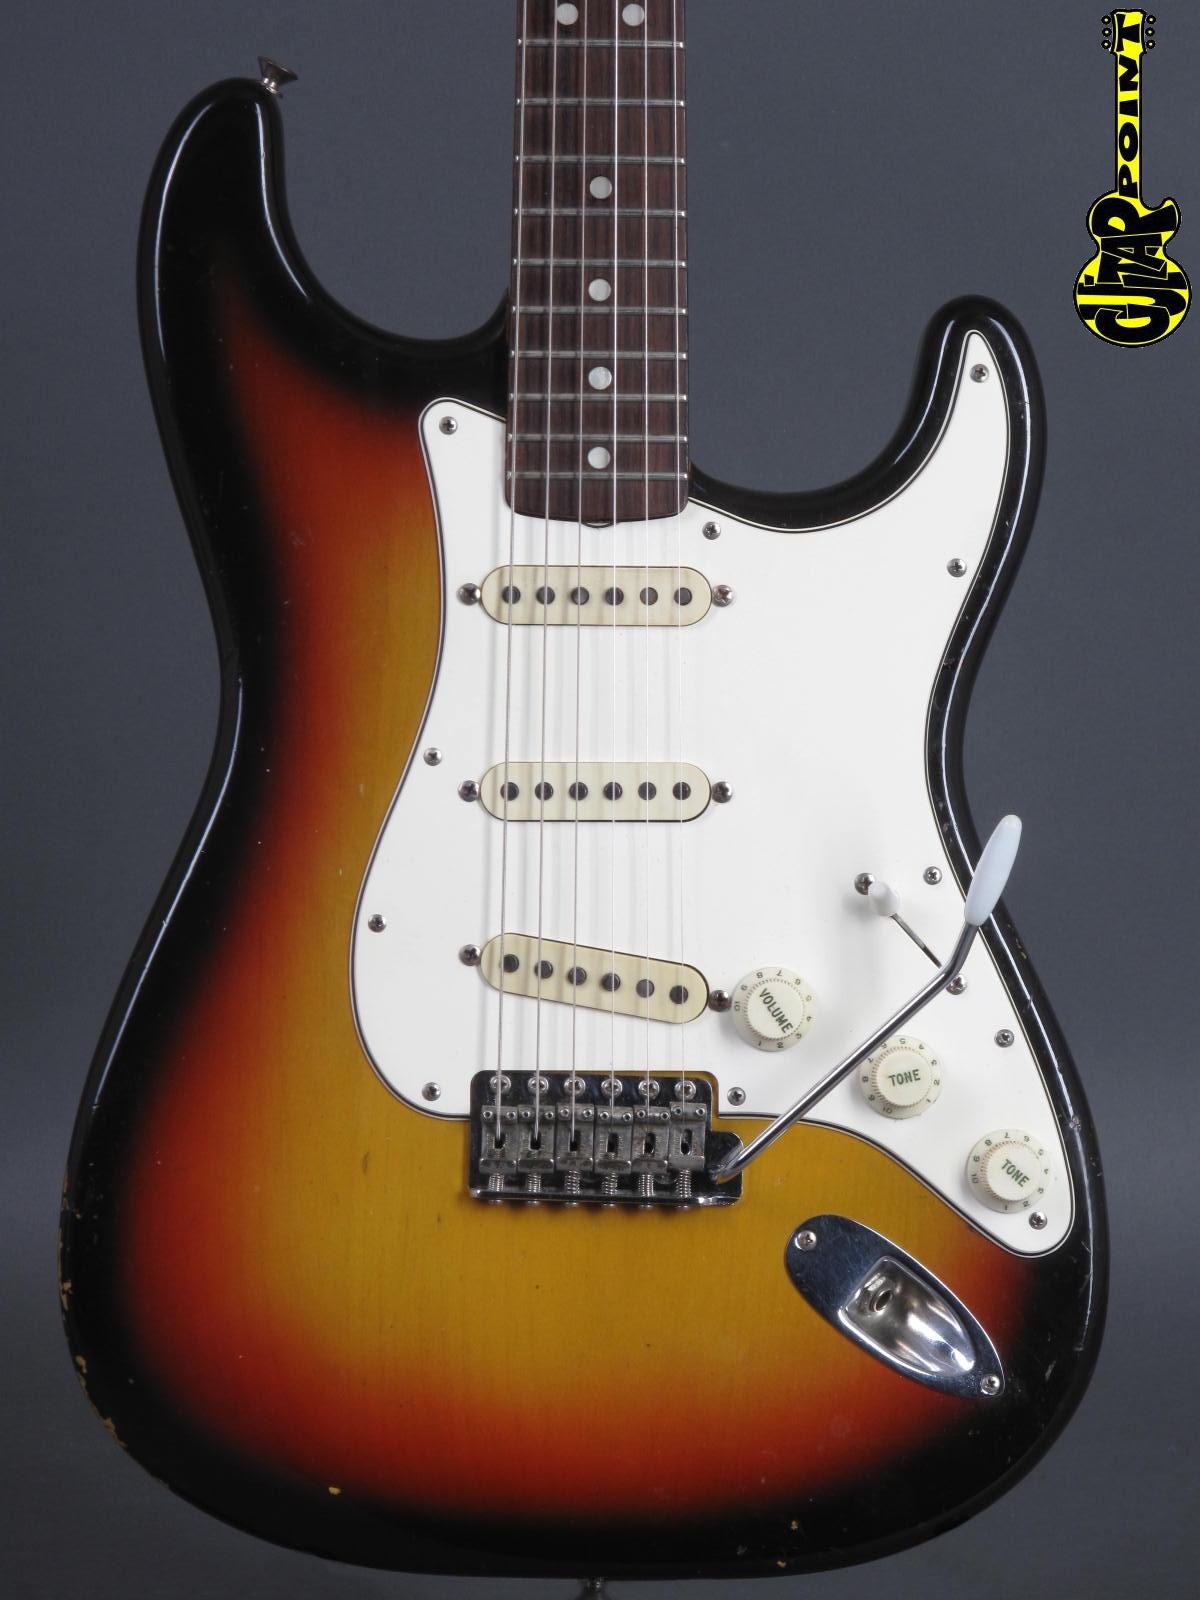 1965 Fender Stratocaster - 3-Tone Sunburst